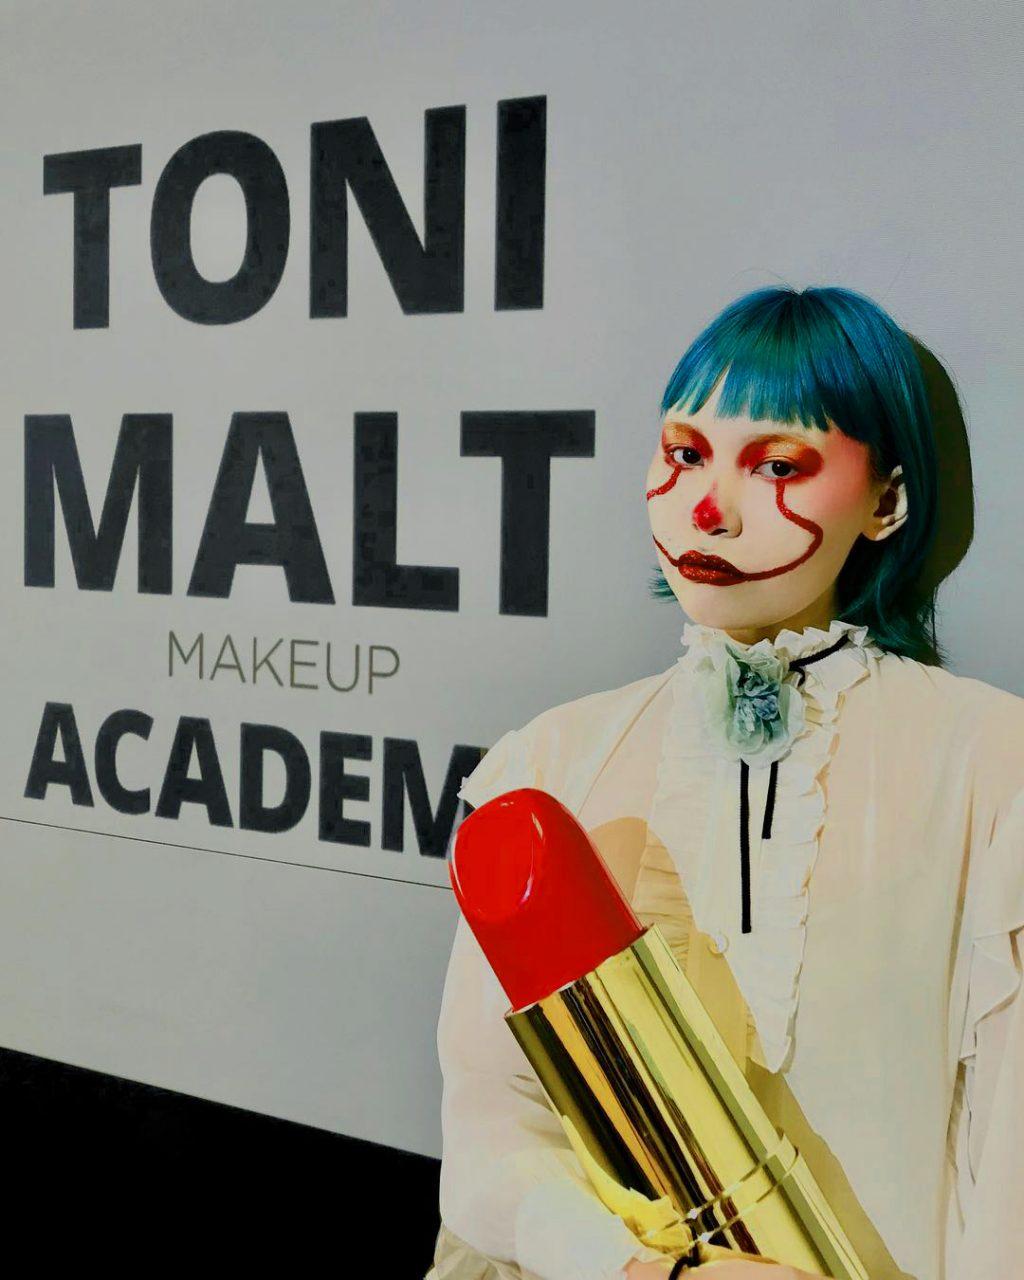 Toni Malt Makeup Academy